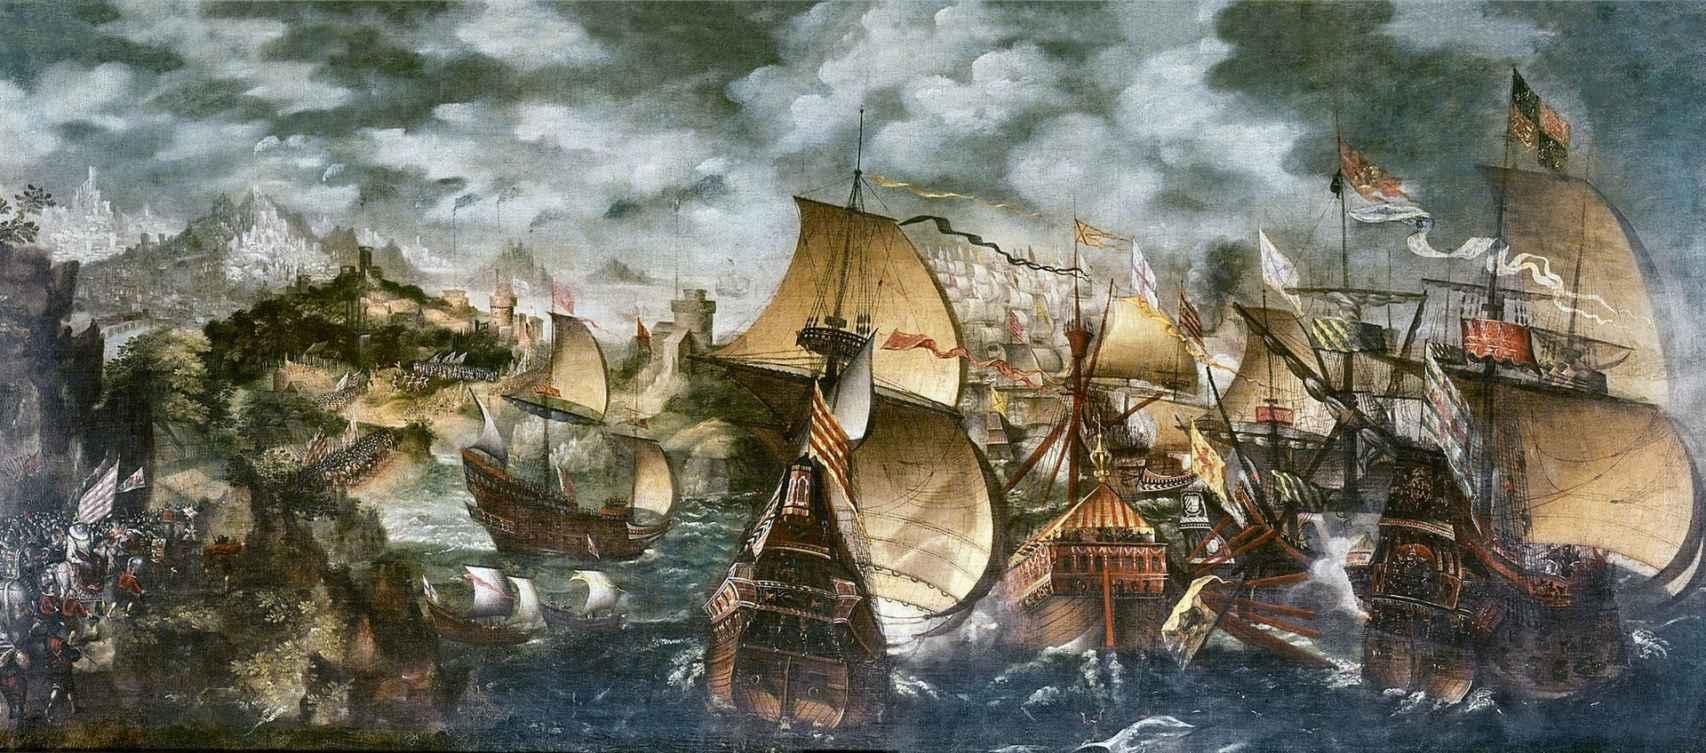 Cuadro sobre la derrota de la Gran Armada de FElipe II atribuido a Nicholas Hilliard.